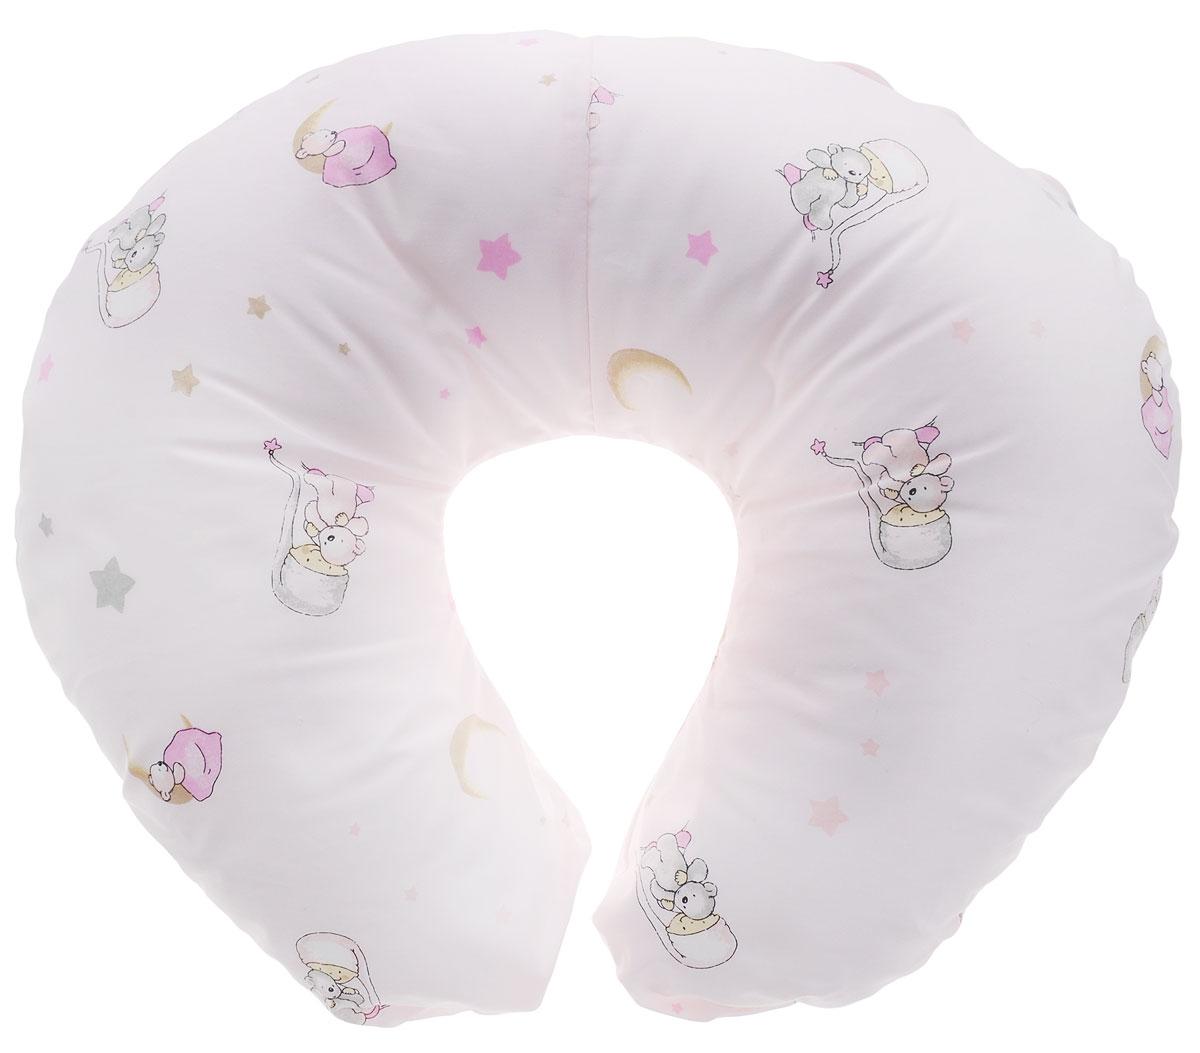 Plantex Подушка для кормящих и беременных мам Comfy Small Мишка и Луна цвет бледно-розовый01030_мишка и лунаМногофункциональная подушка Plantex Comfy Small идеальна для удобства ребенка и его родителей. Зачастую именно эта модель называется подушкой для беременных. Ведь она создана именно для будущих мам с учетом всех анатомических особенностей в этот период. На любом сроке беременности она бережно поддержит растущий животик и поможет сохранить комфортное и безопасное положение во время сна. Подушка идеально подходит для кормления уже появившегося малыша. Позже многофункциональная подушка поможет ему сохранить равновесие при первых попытках сесть. Чехол подушки выполнен из 100% хлопка и снабжен застежкой-молнией, что позволяет без труда снять и постирать его. Наполнителем подушки служат полистироловые шарики - экологичные, не деформируются сами и хорошо сохраняют форму подушки. Подушка для кормящих и беременных мам Plantex Comfy Small - это удобная и практичная вещь, которая прослужит вам долгое время. Подушка поставляется в сумке-чехле. При использовании...